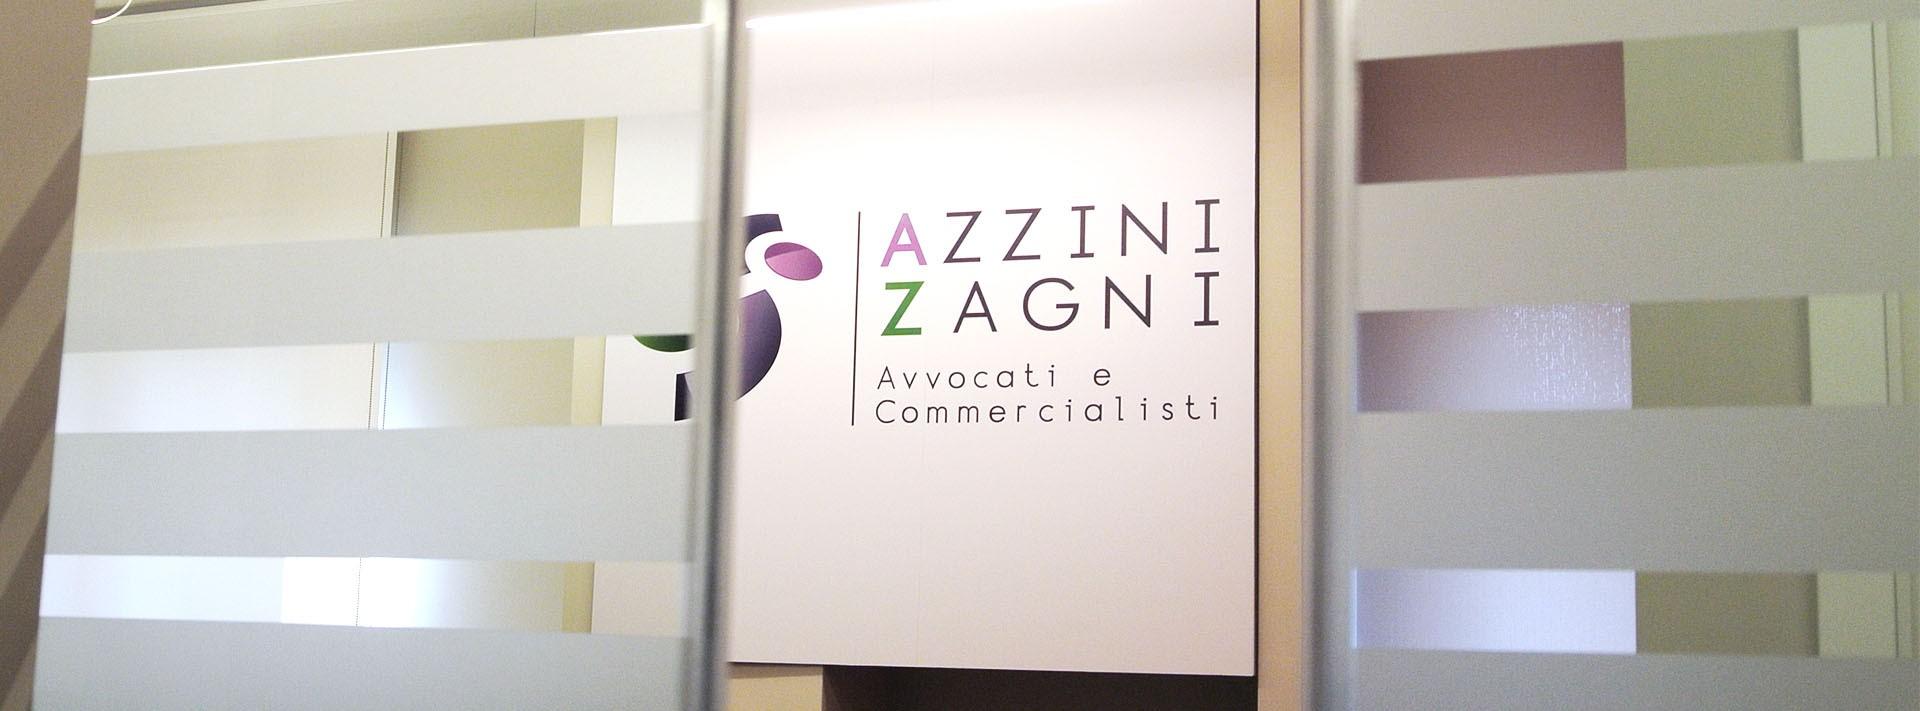 ingresso studio cremona azzini zagni contattaci